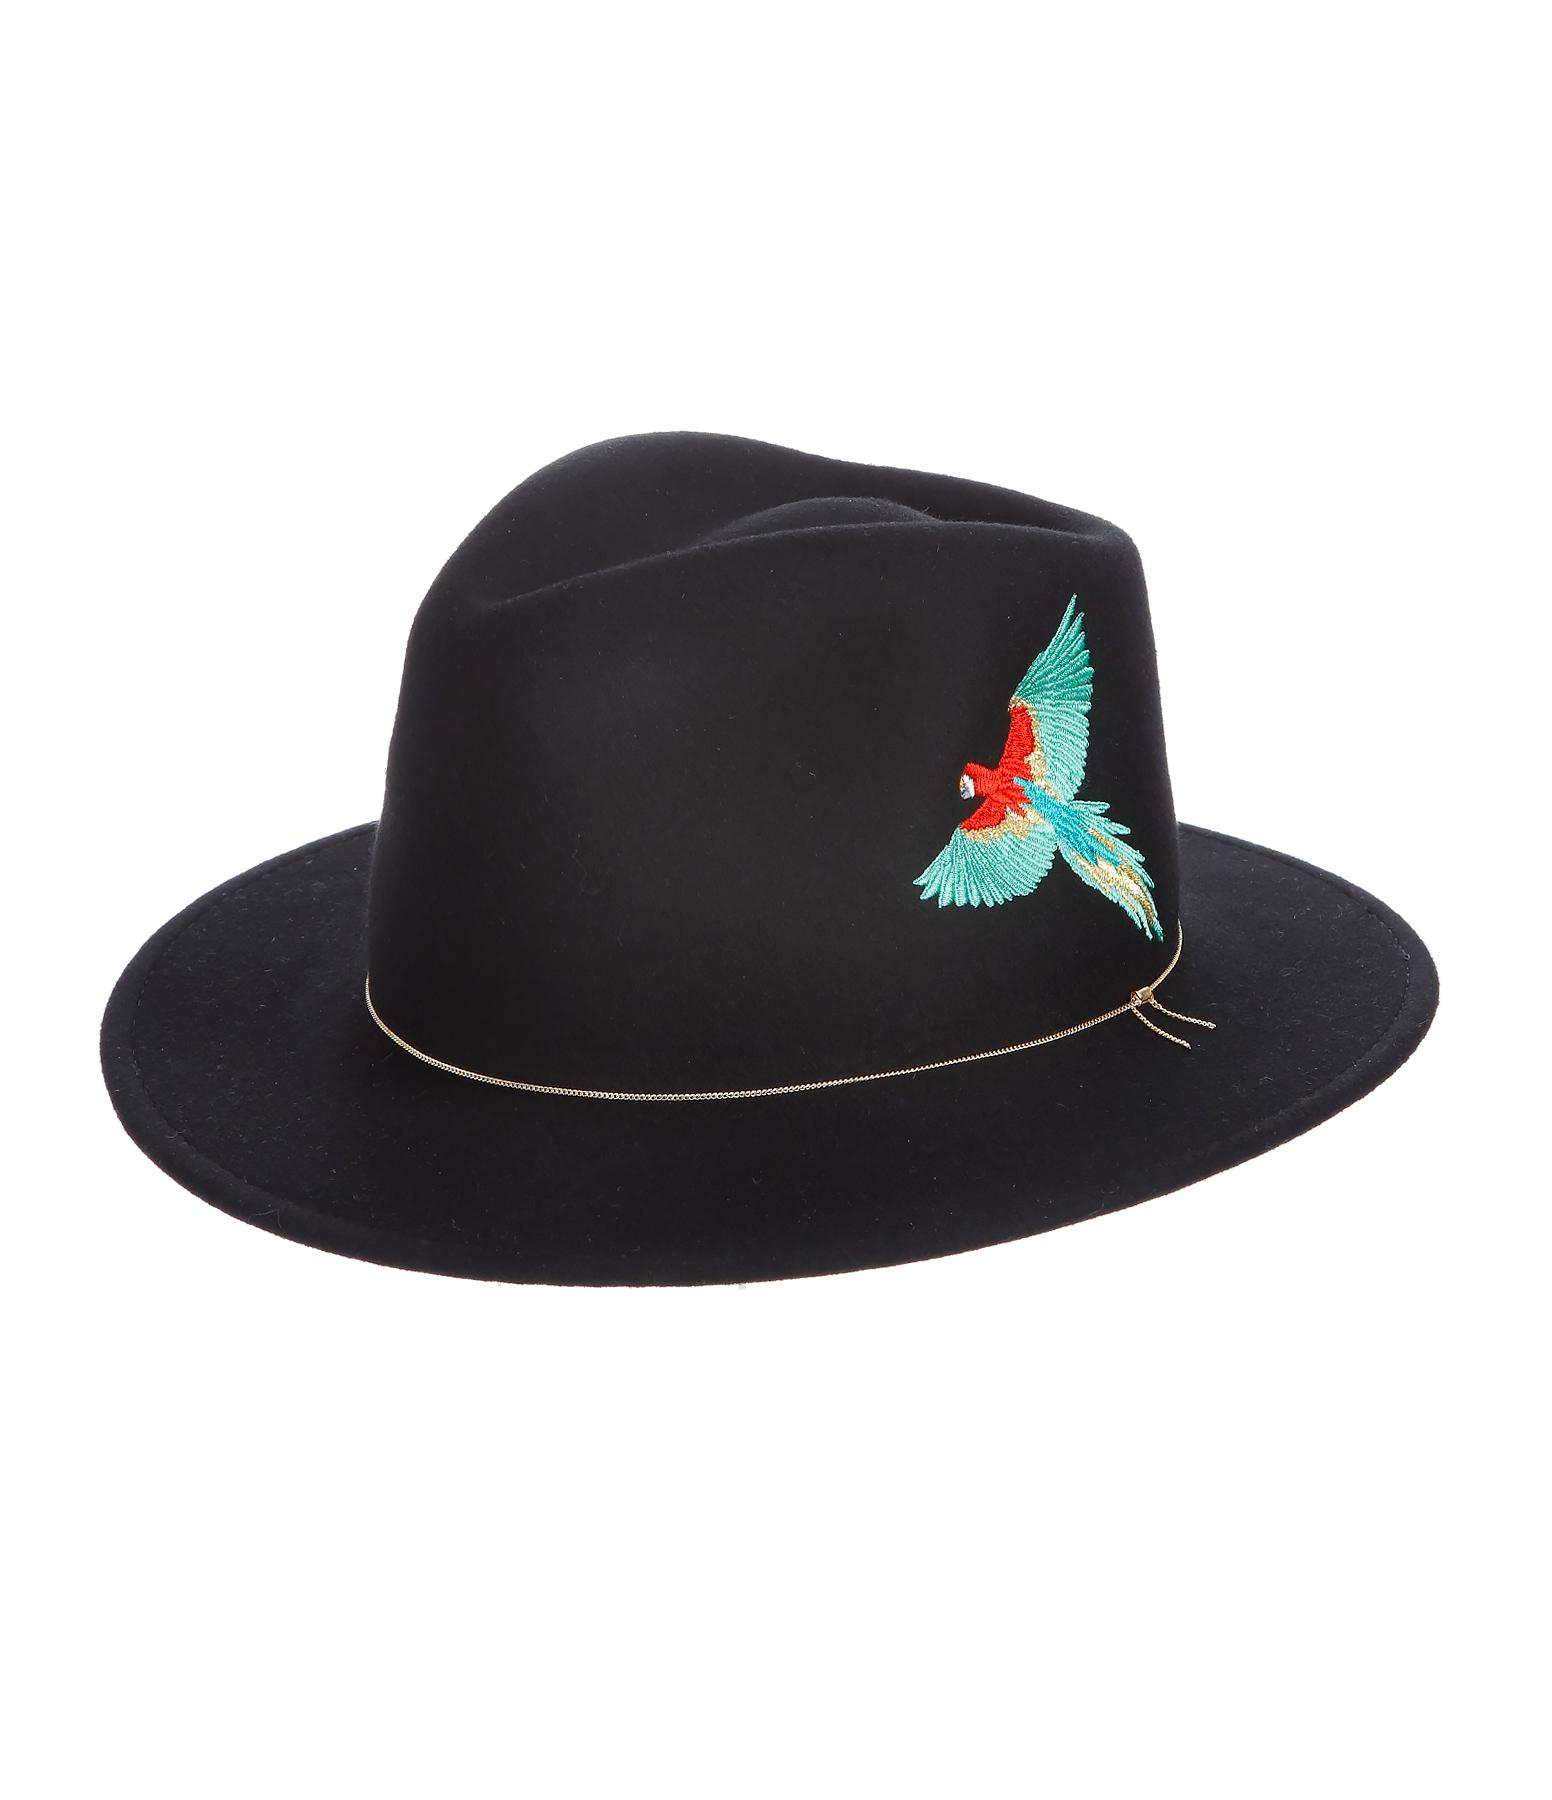 Chapeau The Dakota Laine Noir Spice